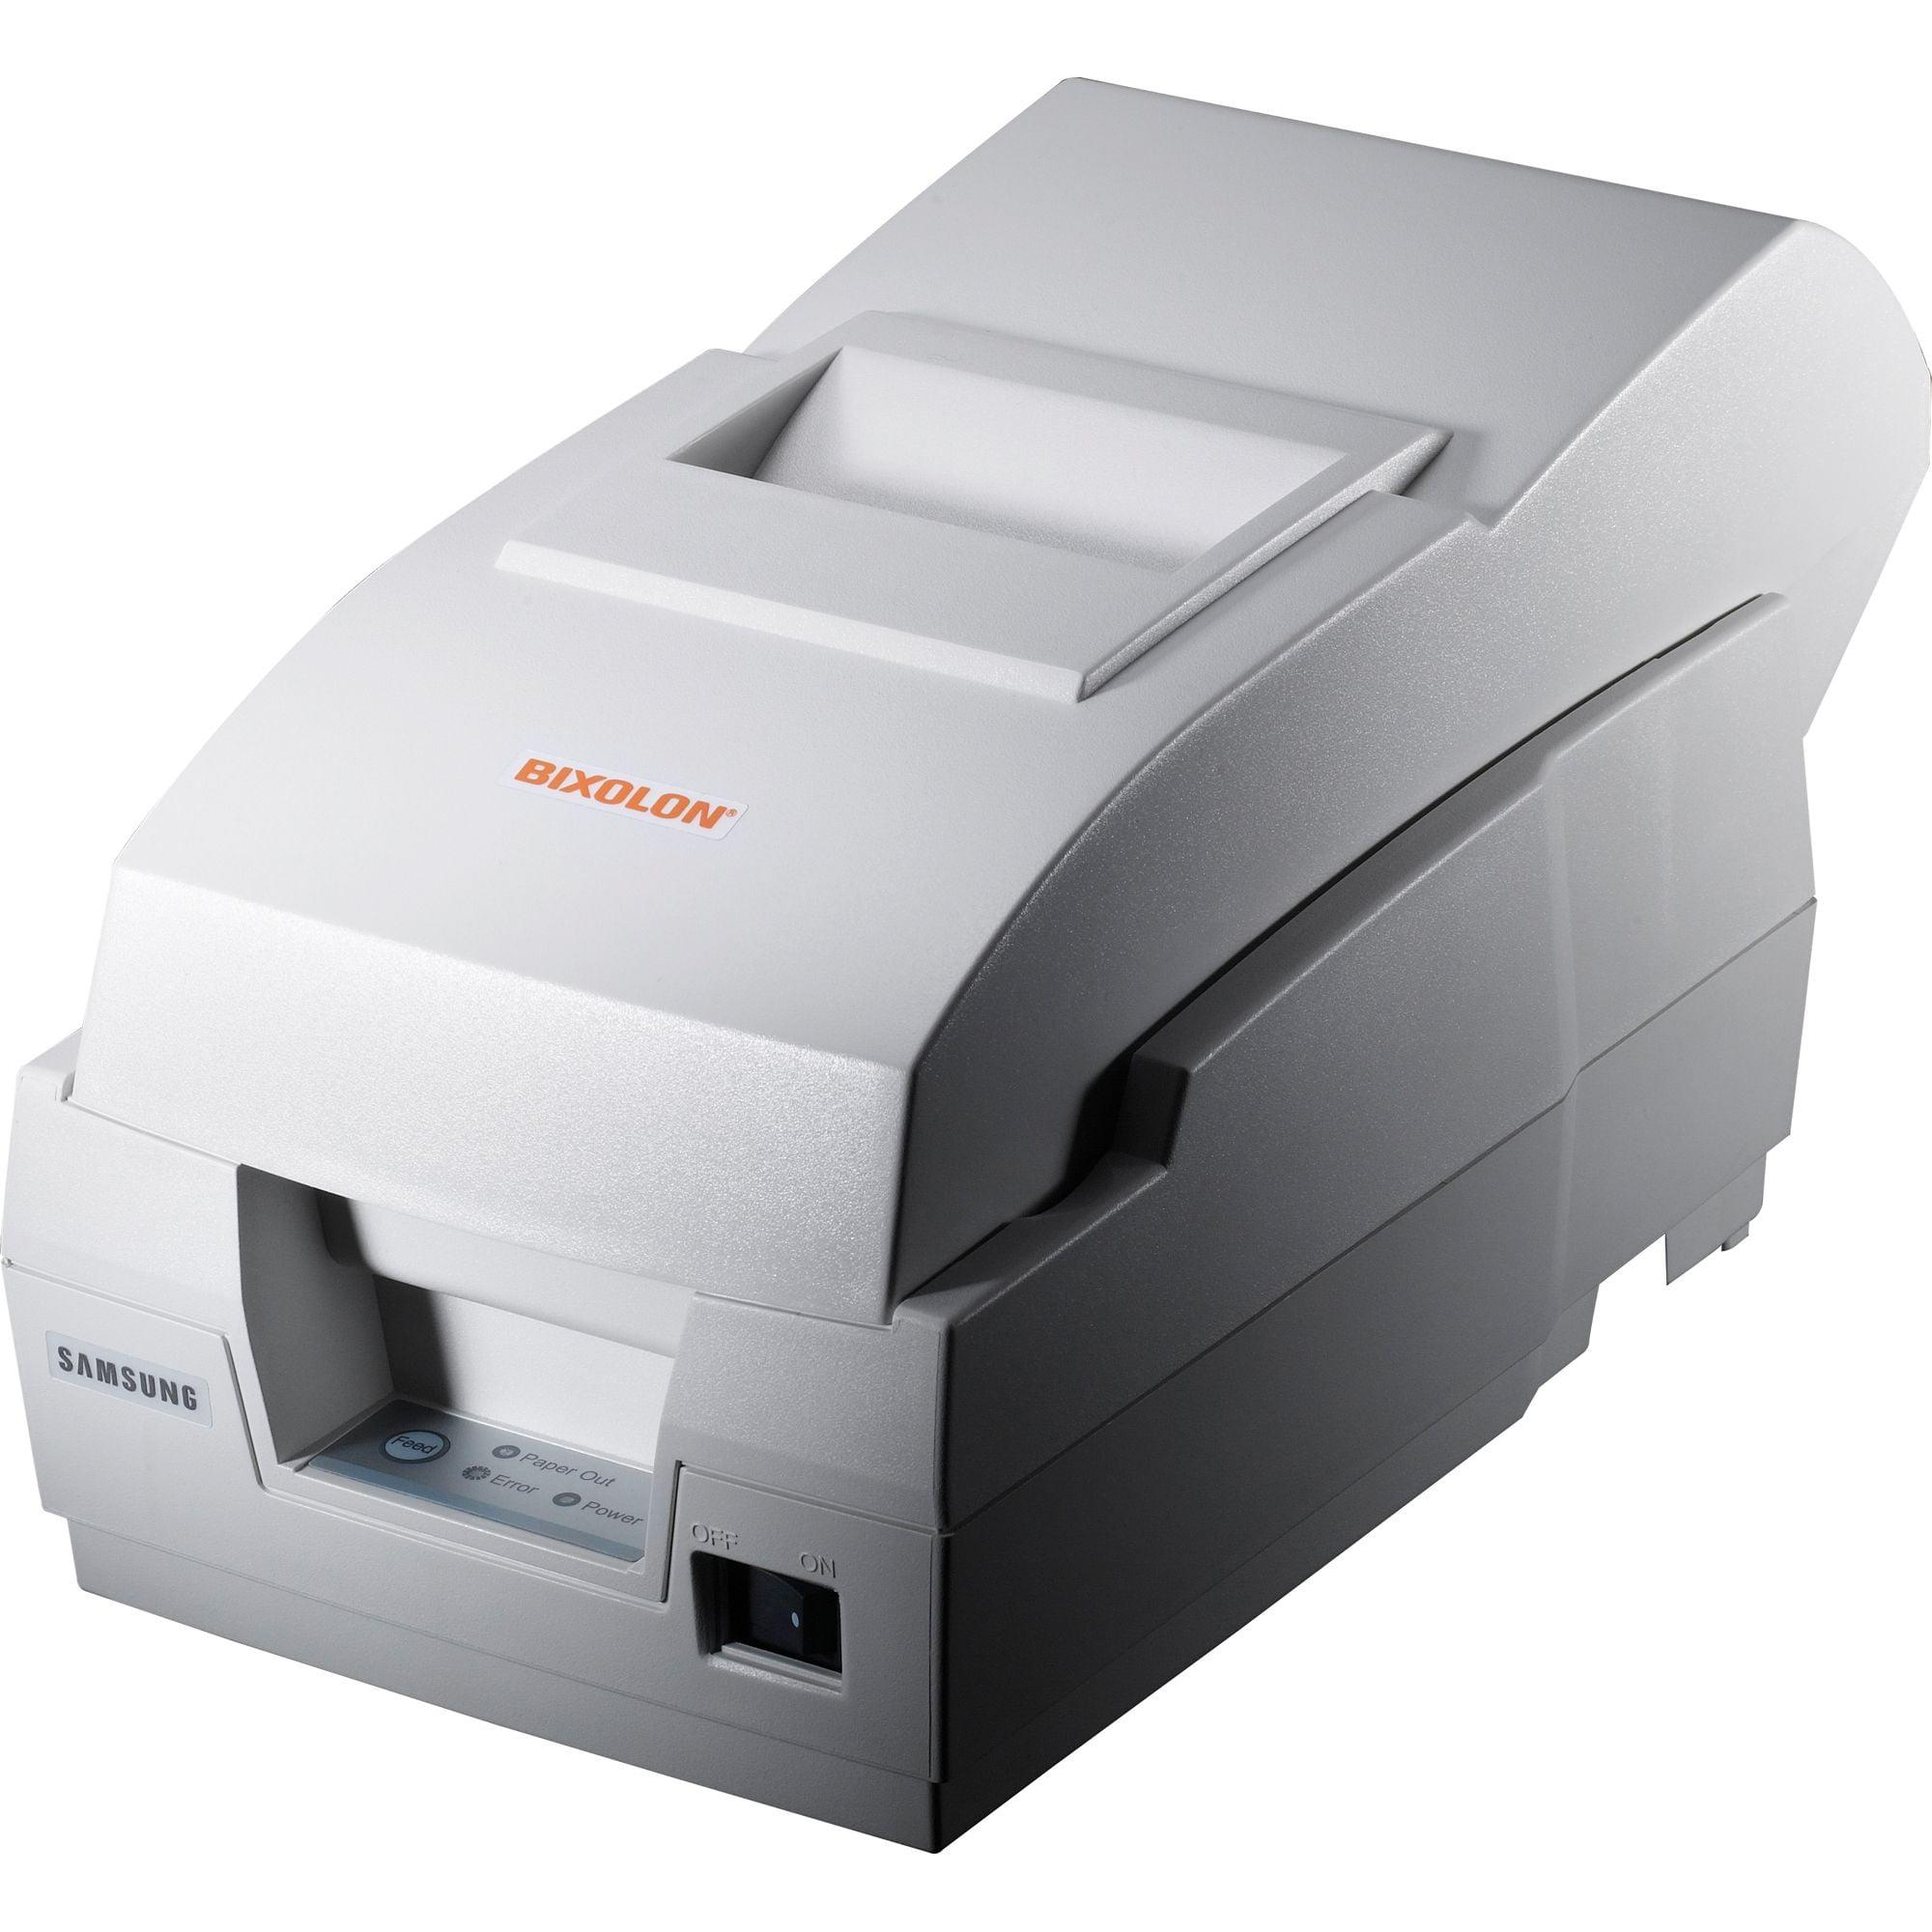 Bixolon SRP-270D Dot Matrix Printer - Monochrome - Deskto...